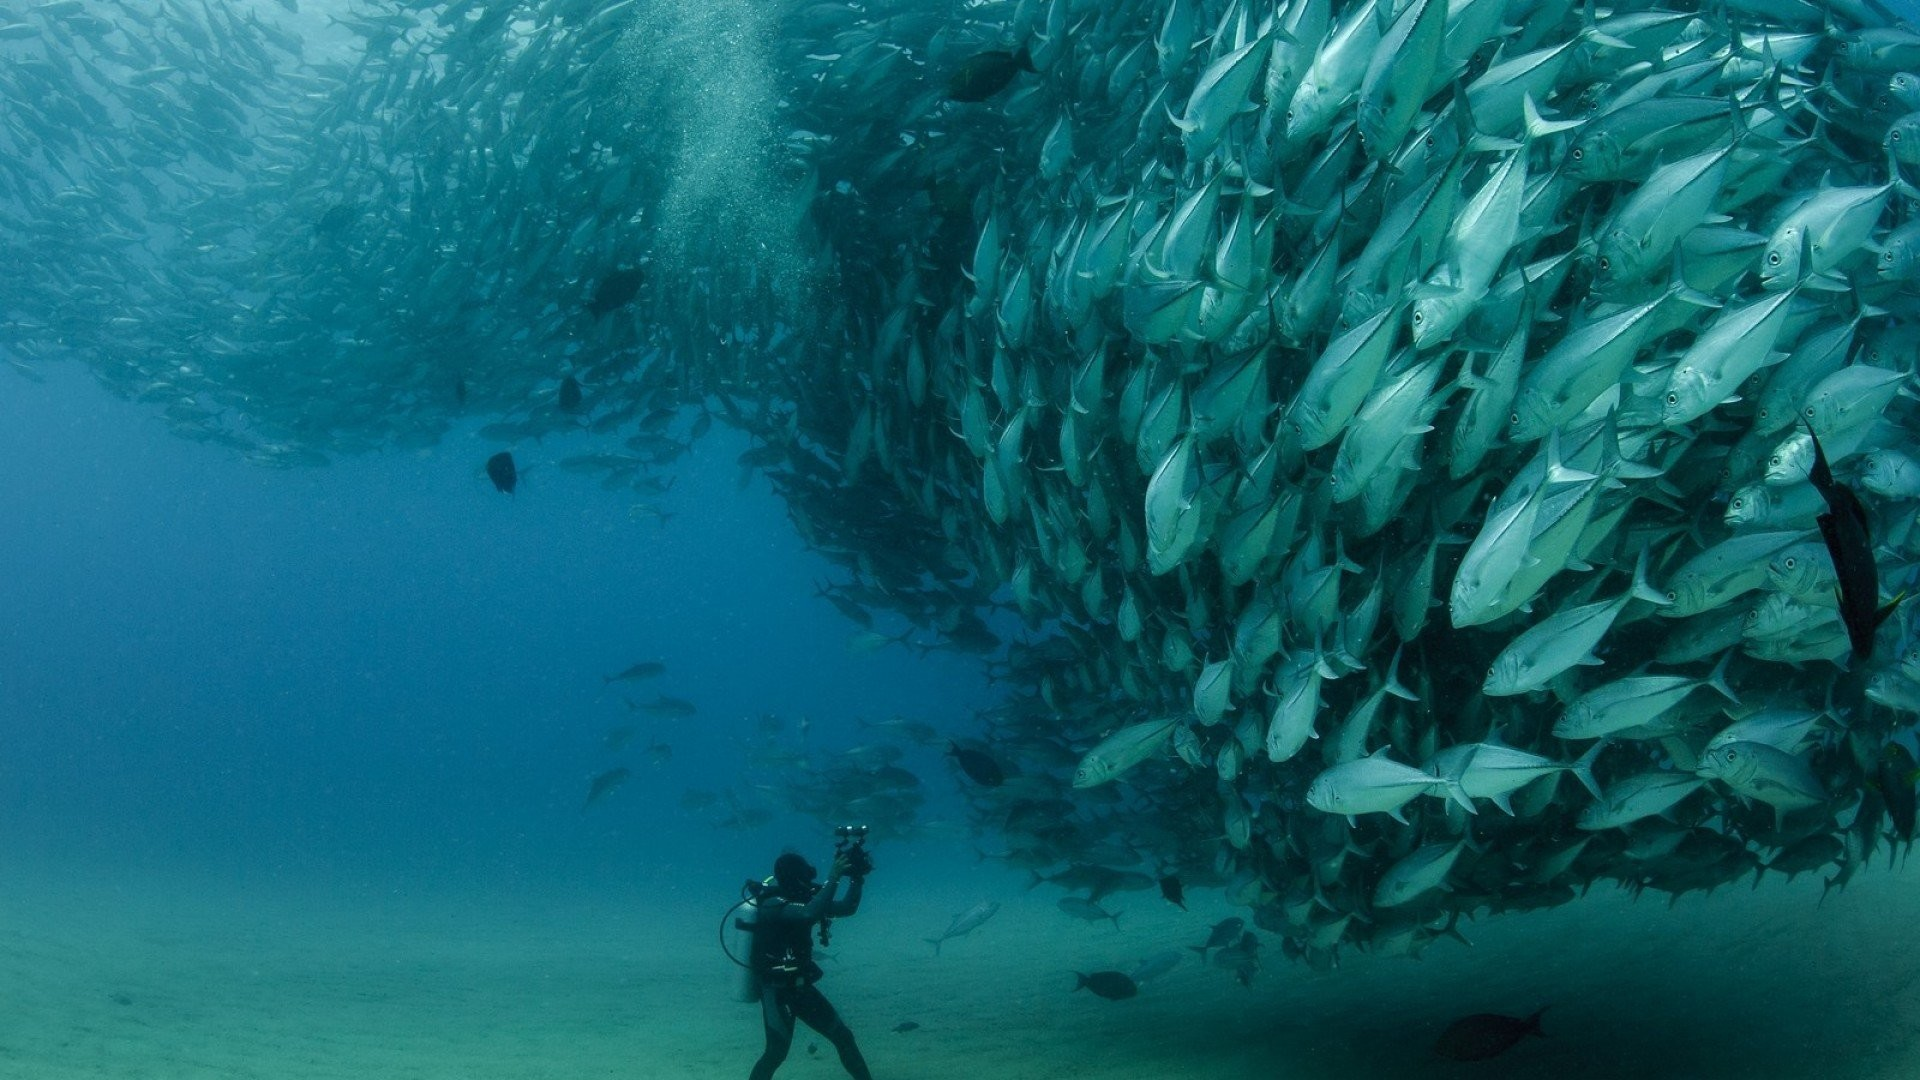 Bass Fishing Wallpapers HD 1920×1080